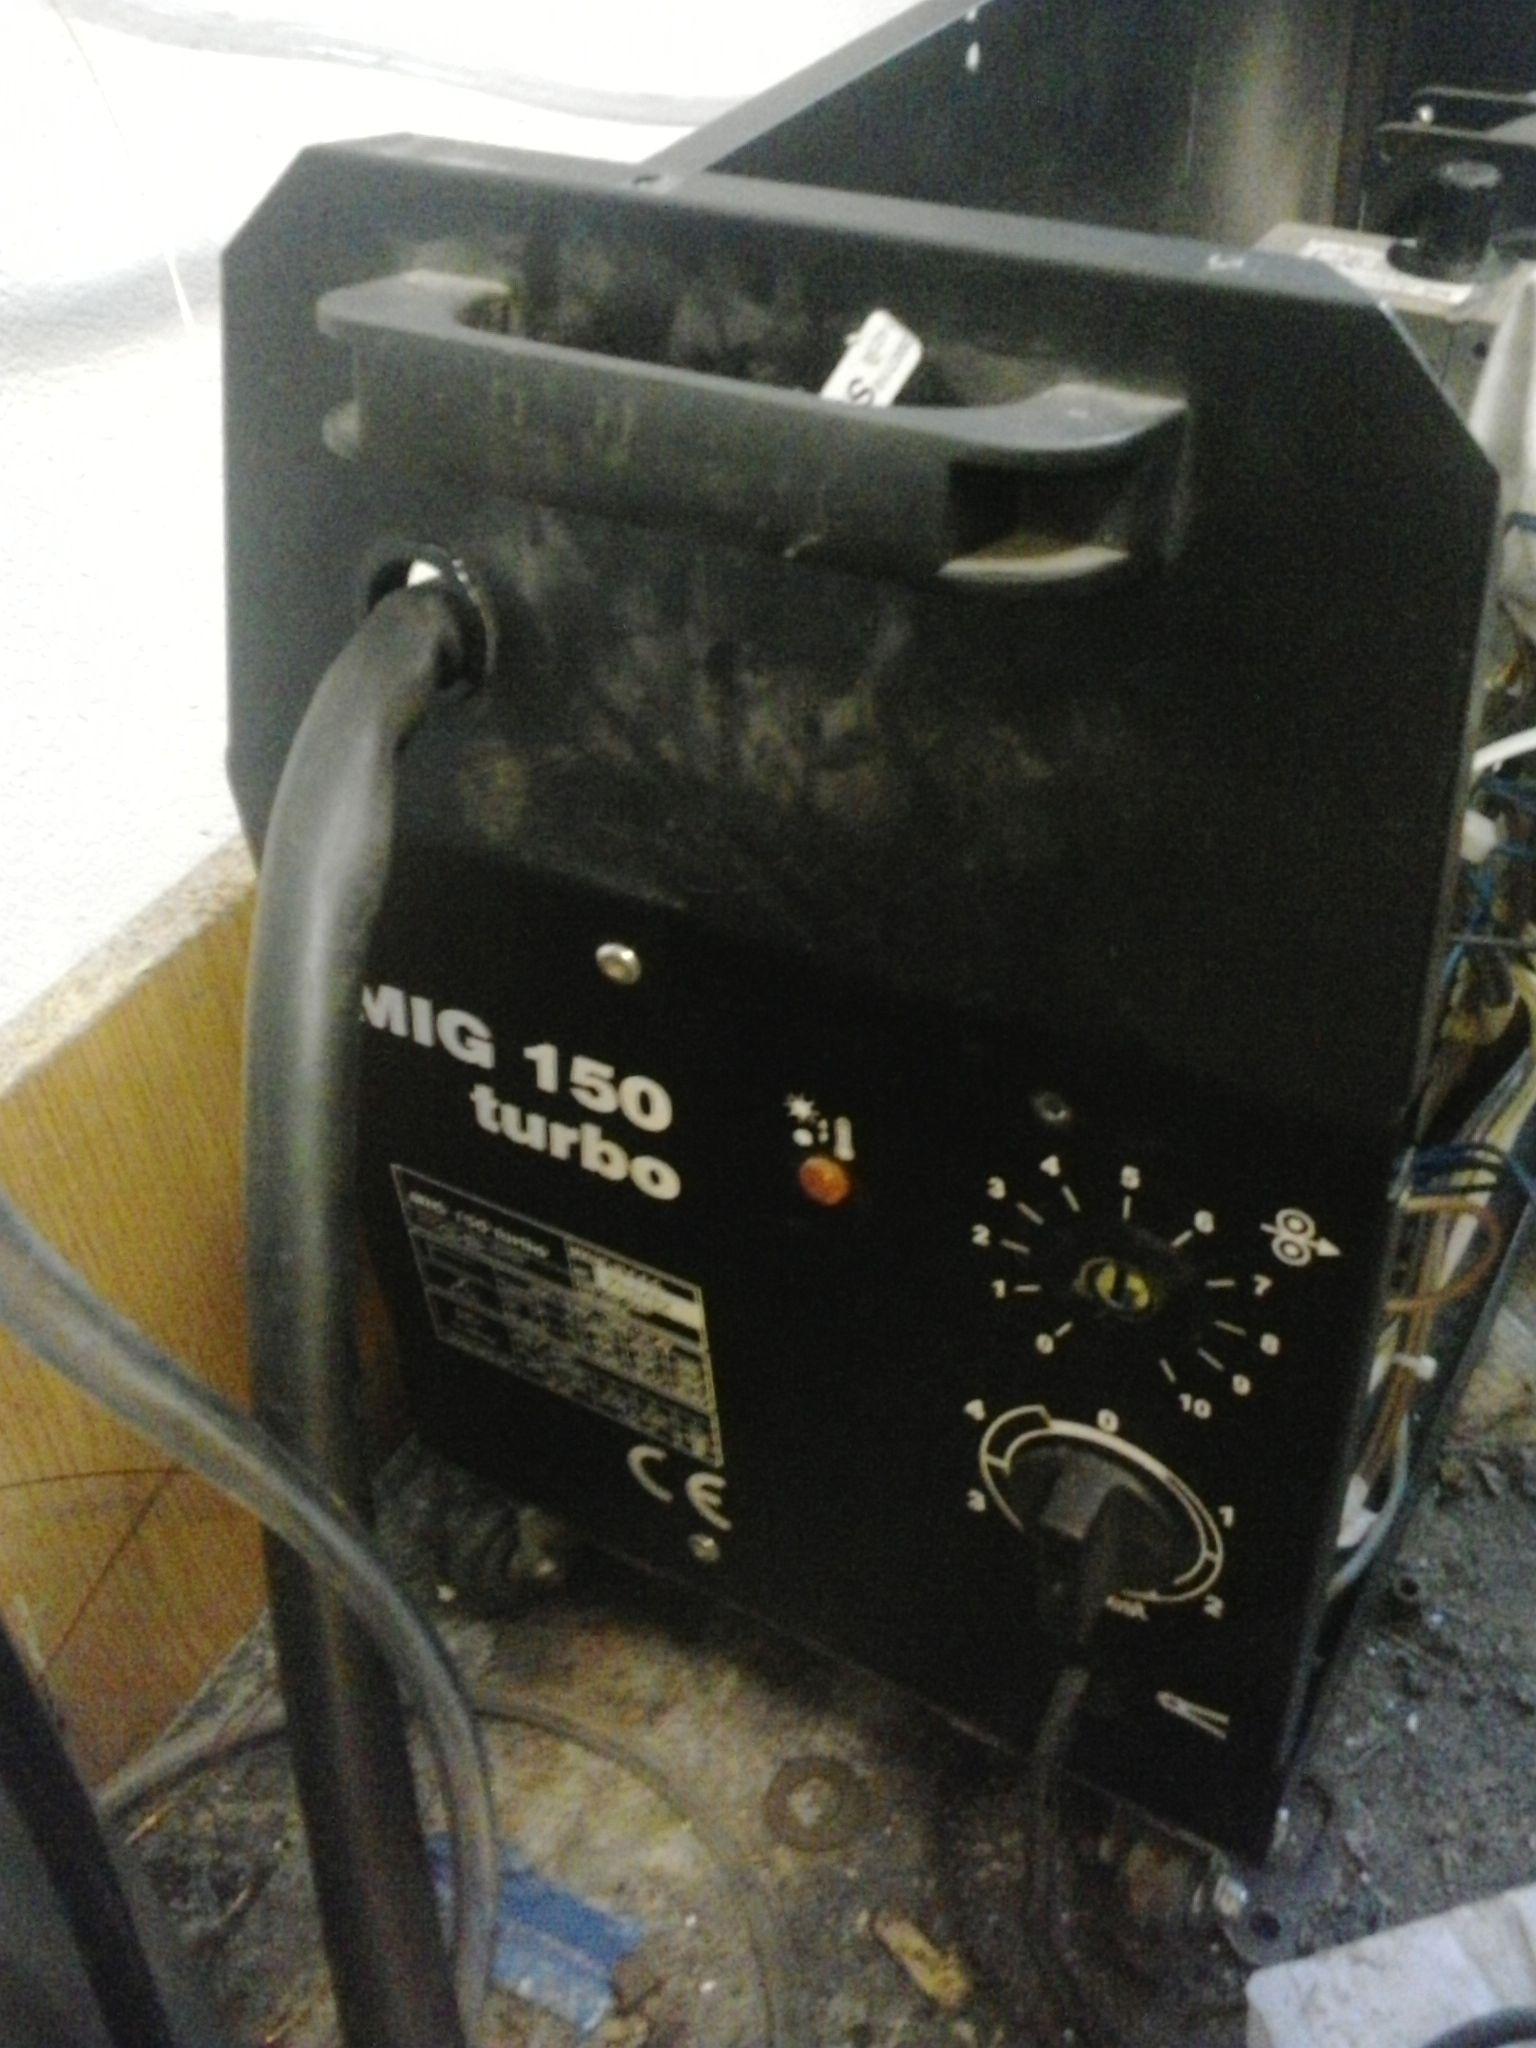 Migomat turbo 150 - Uszkodzony regulator posuwu drutu